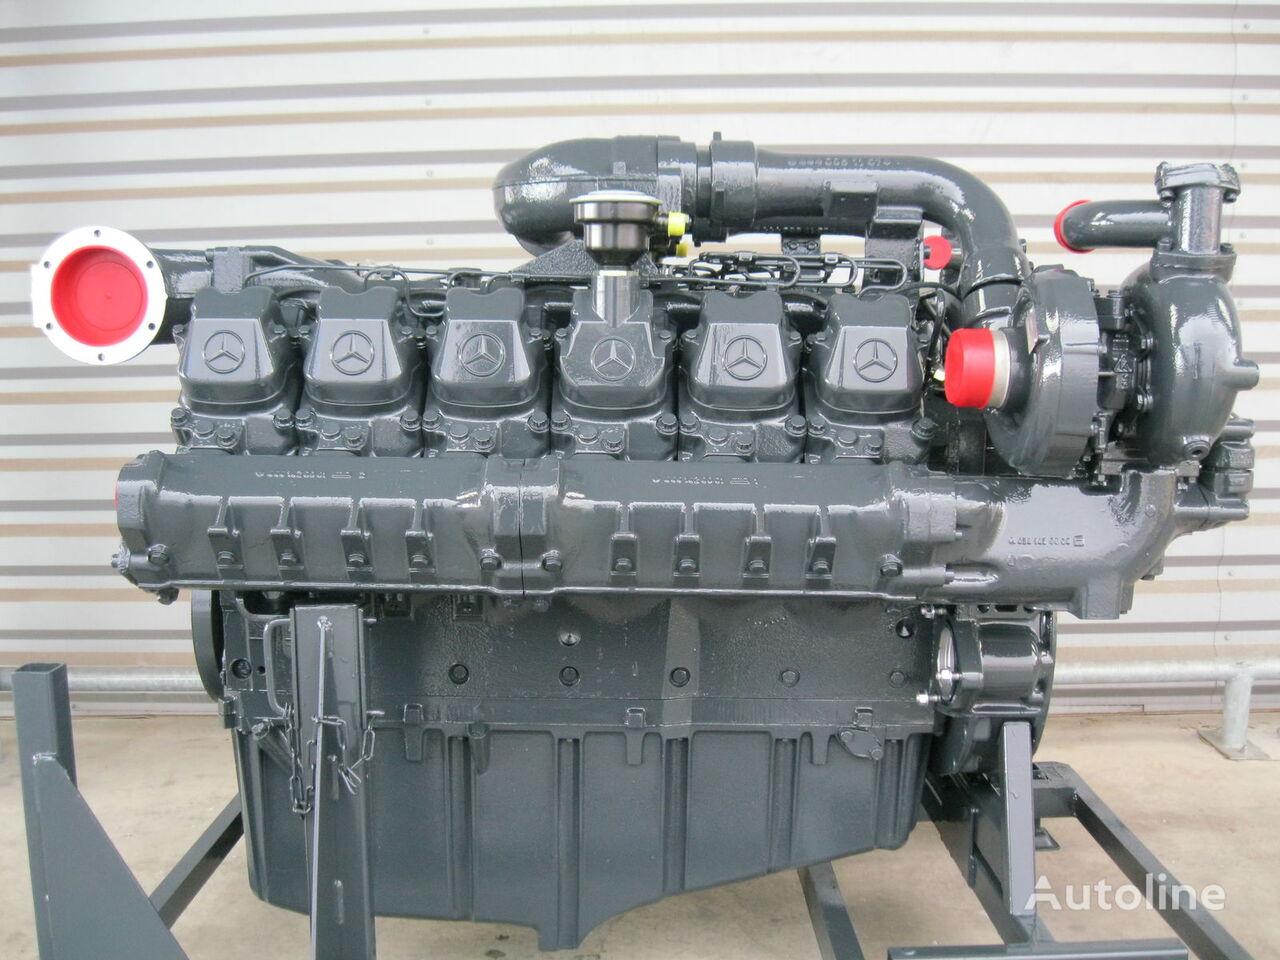 neuer MERCEDES-BENZ OM444LA (LHM400 LHM800) Motor für LIEBHERR Mobilkran